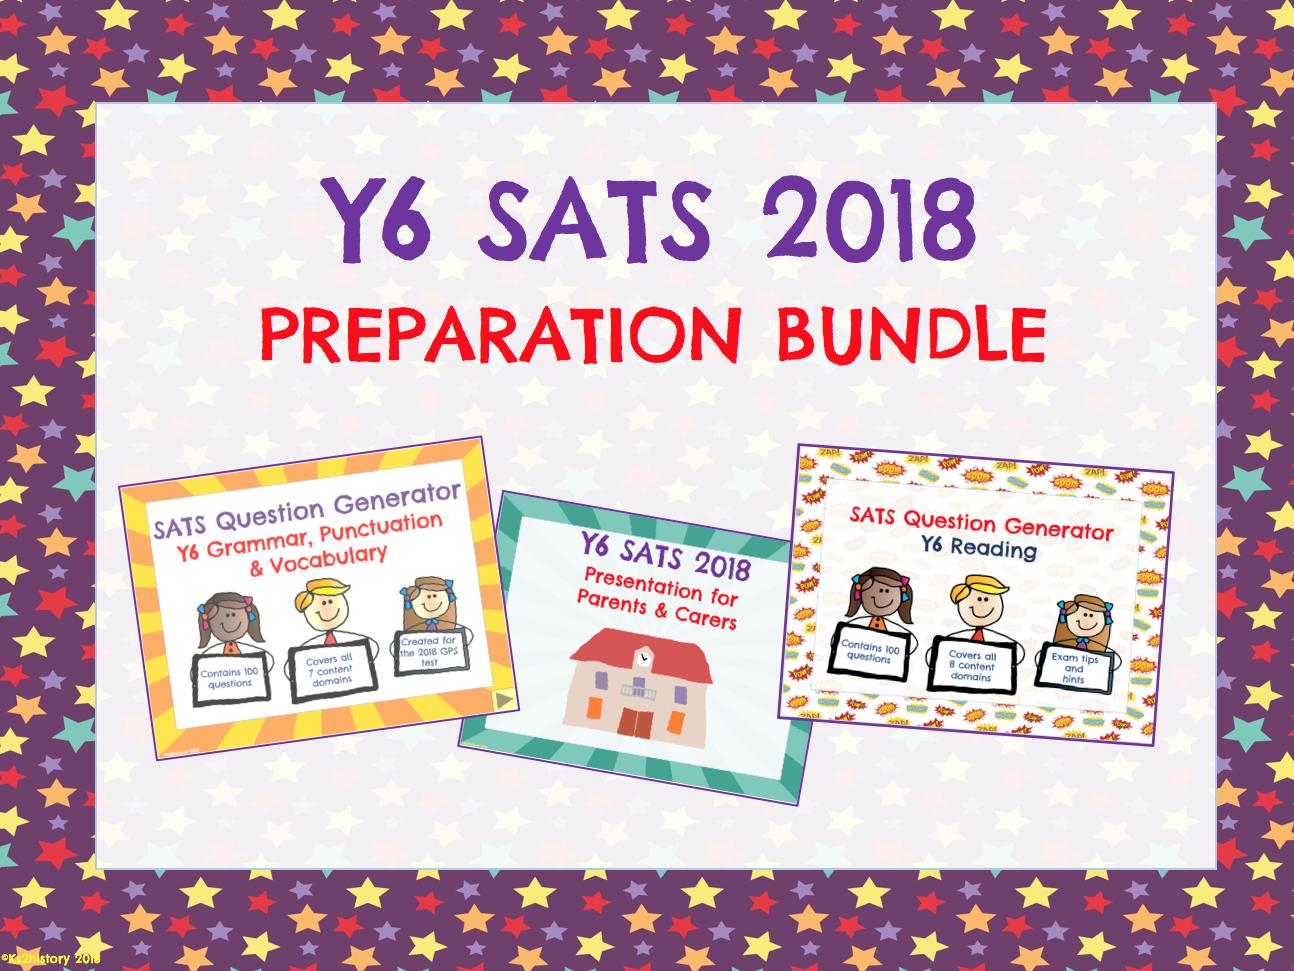 Y6 SATS Preparation Bundle